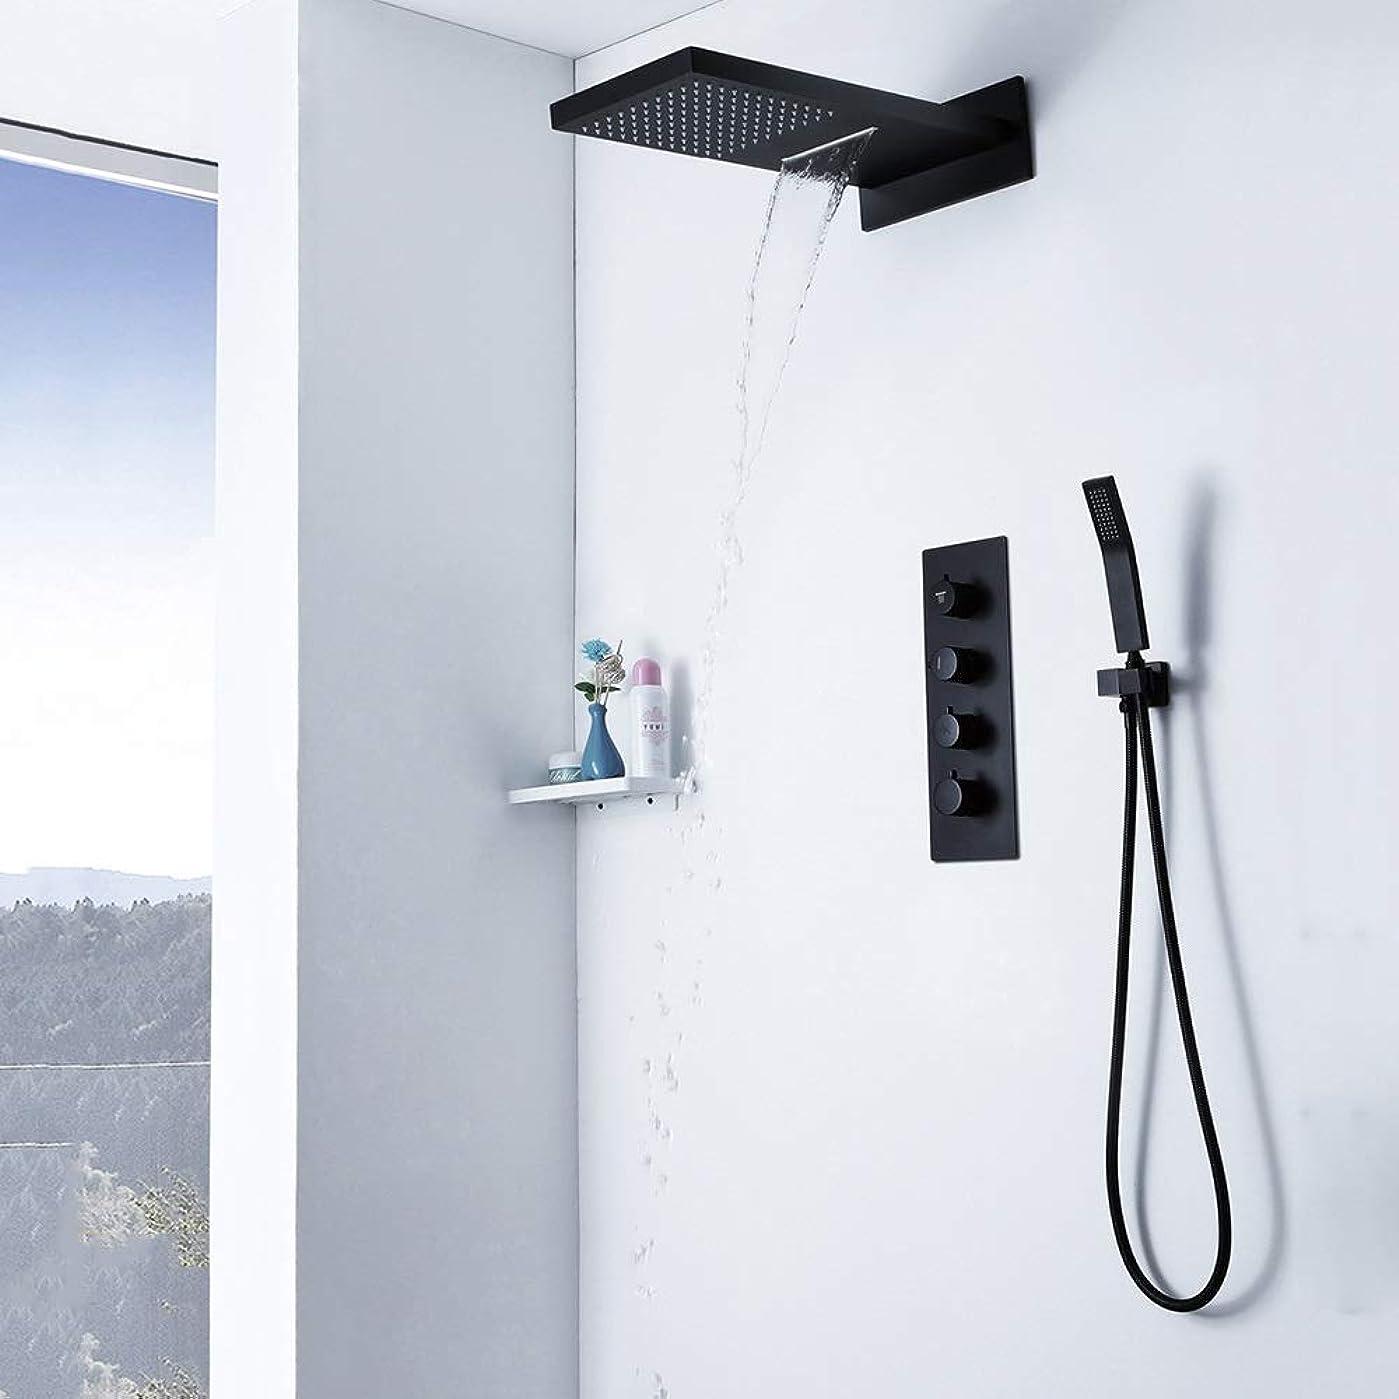 克服するメッセージ繊維シンプルで実用的 壁に取り付けられた水平温度レインシャワーセットシャワールームブラックダークハンドヘルド シンプルで実用的